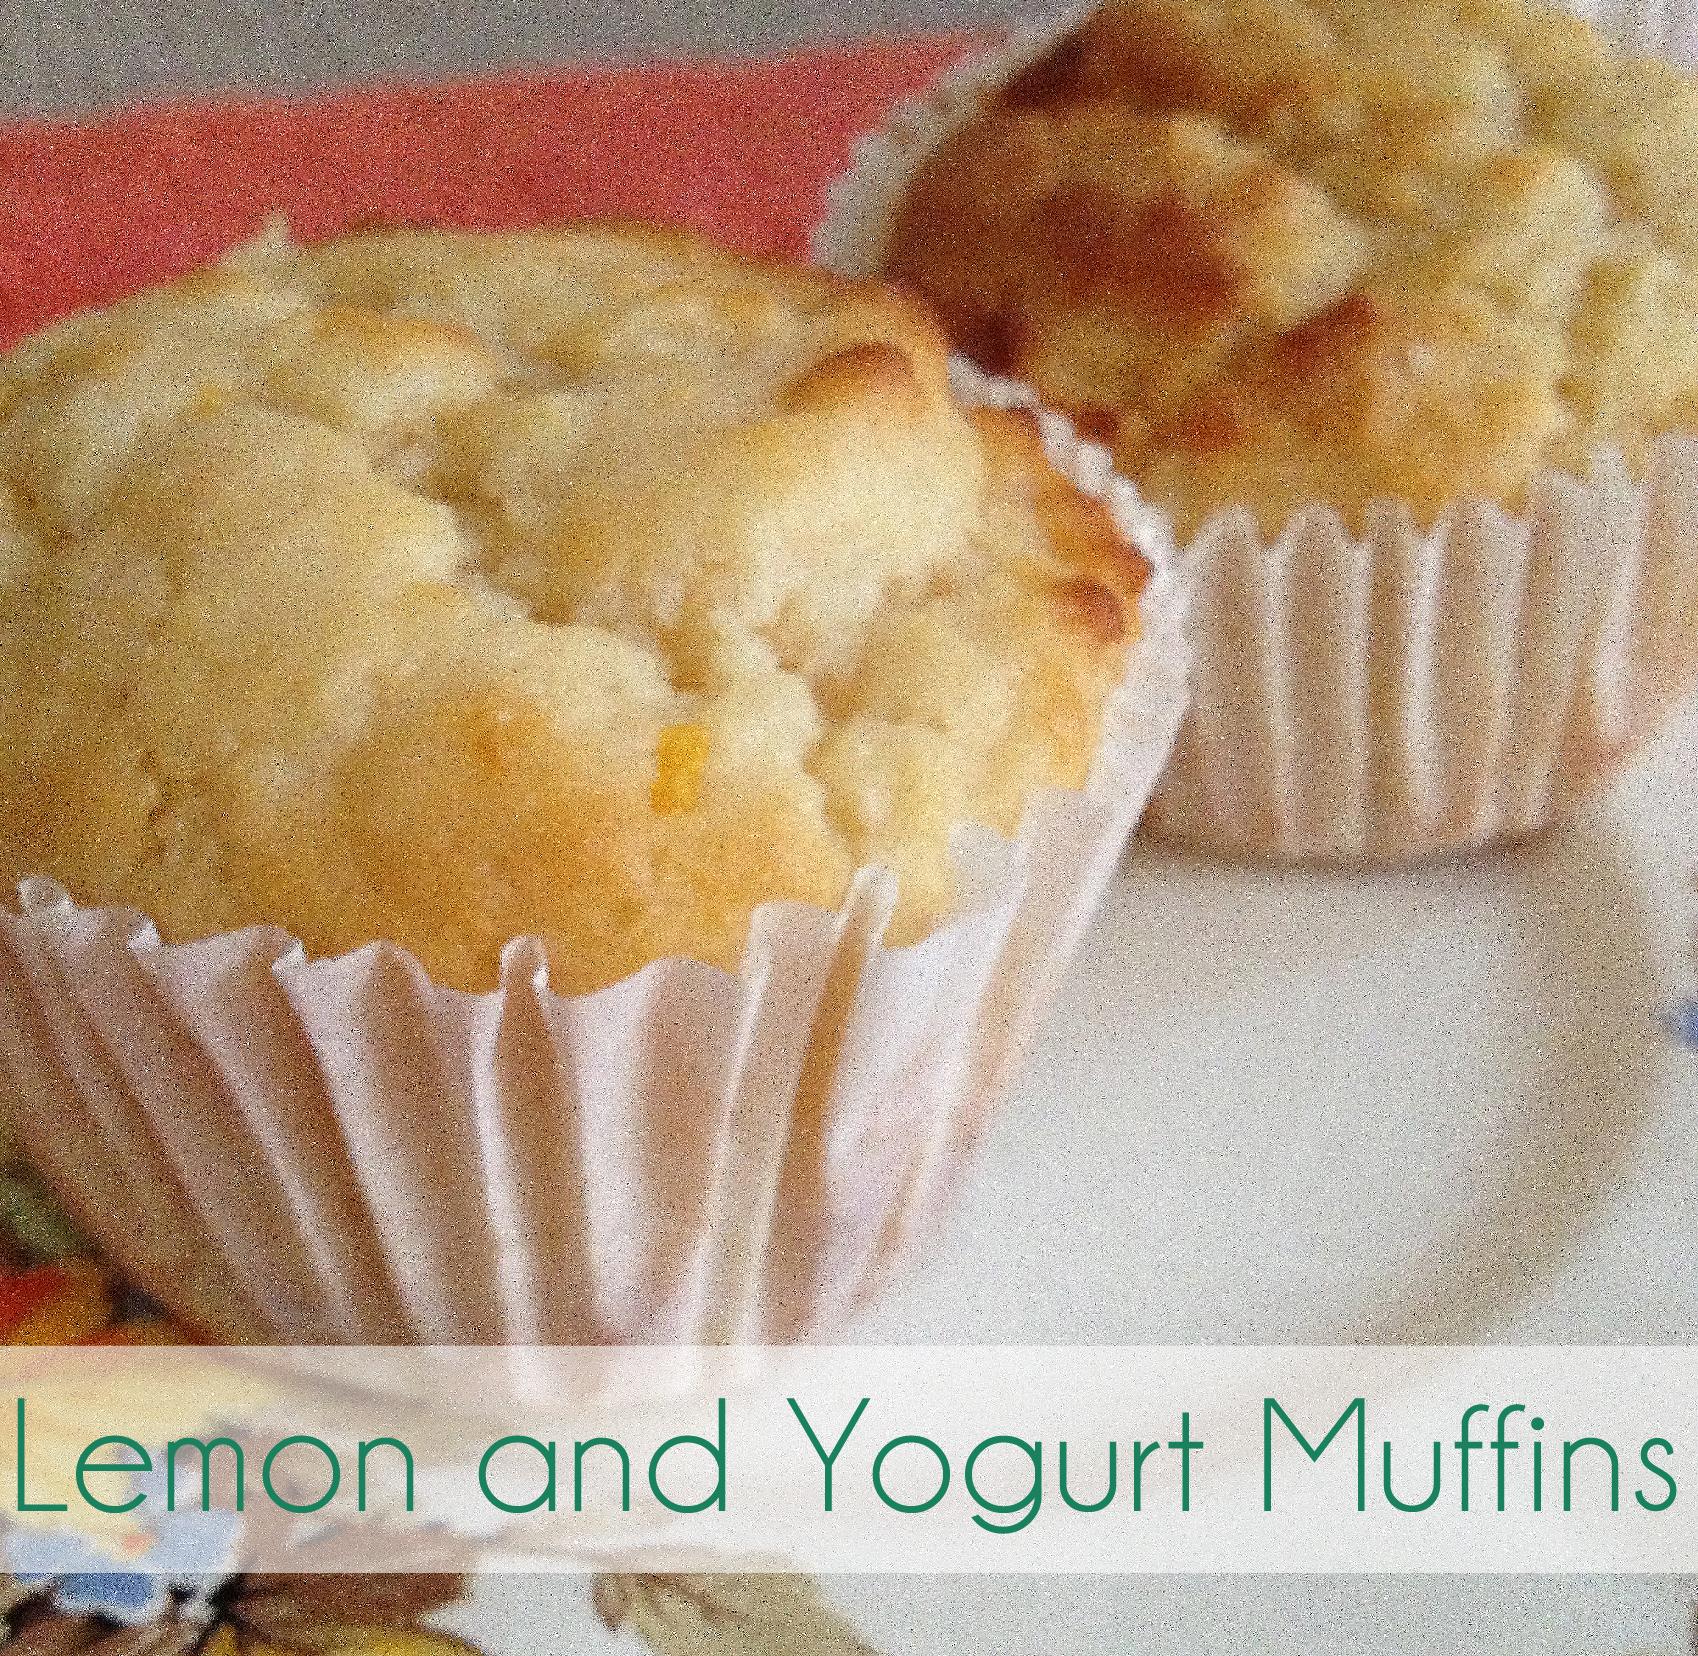 lemon yogurt muffins muffins lemon muffin free lemon yogurt muffins ...